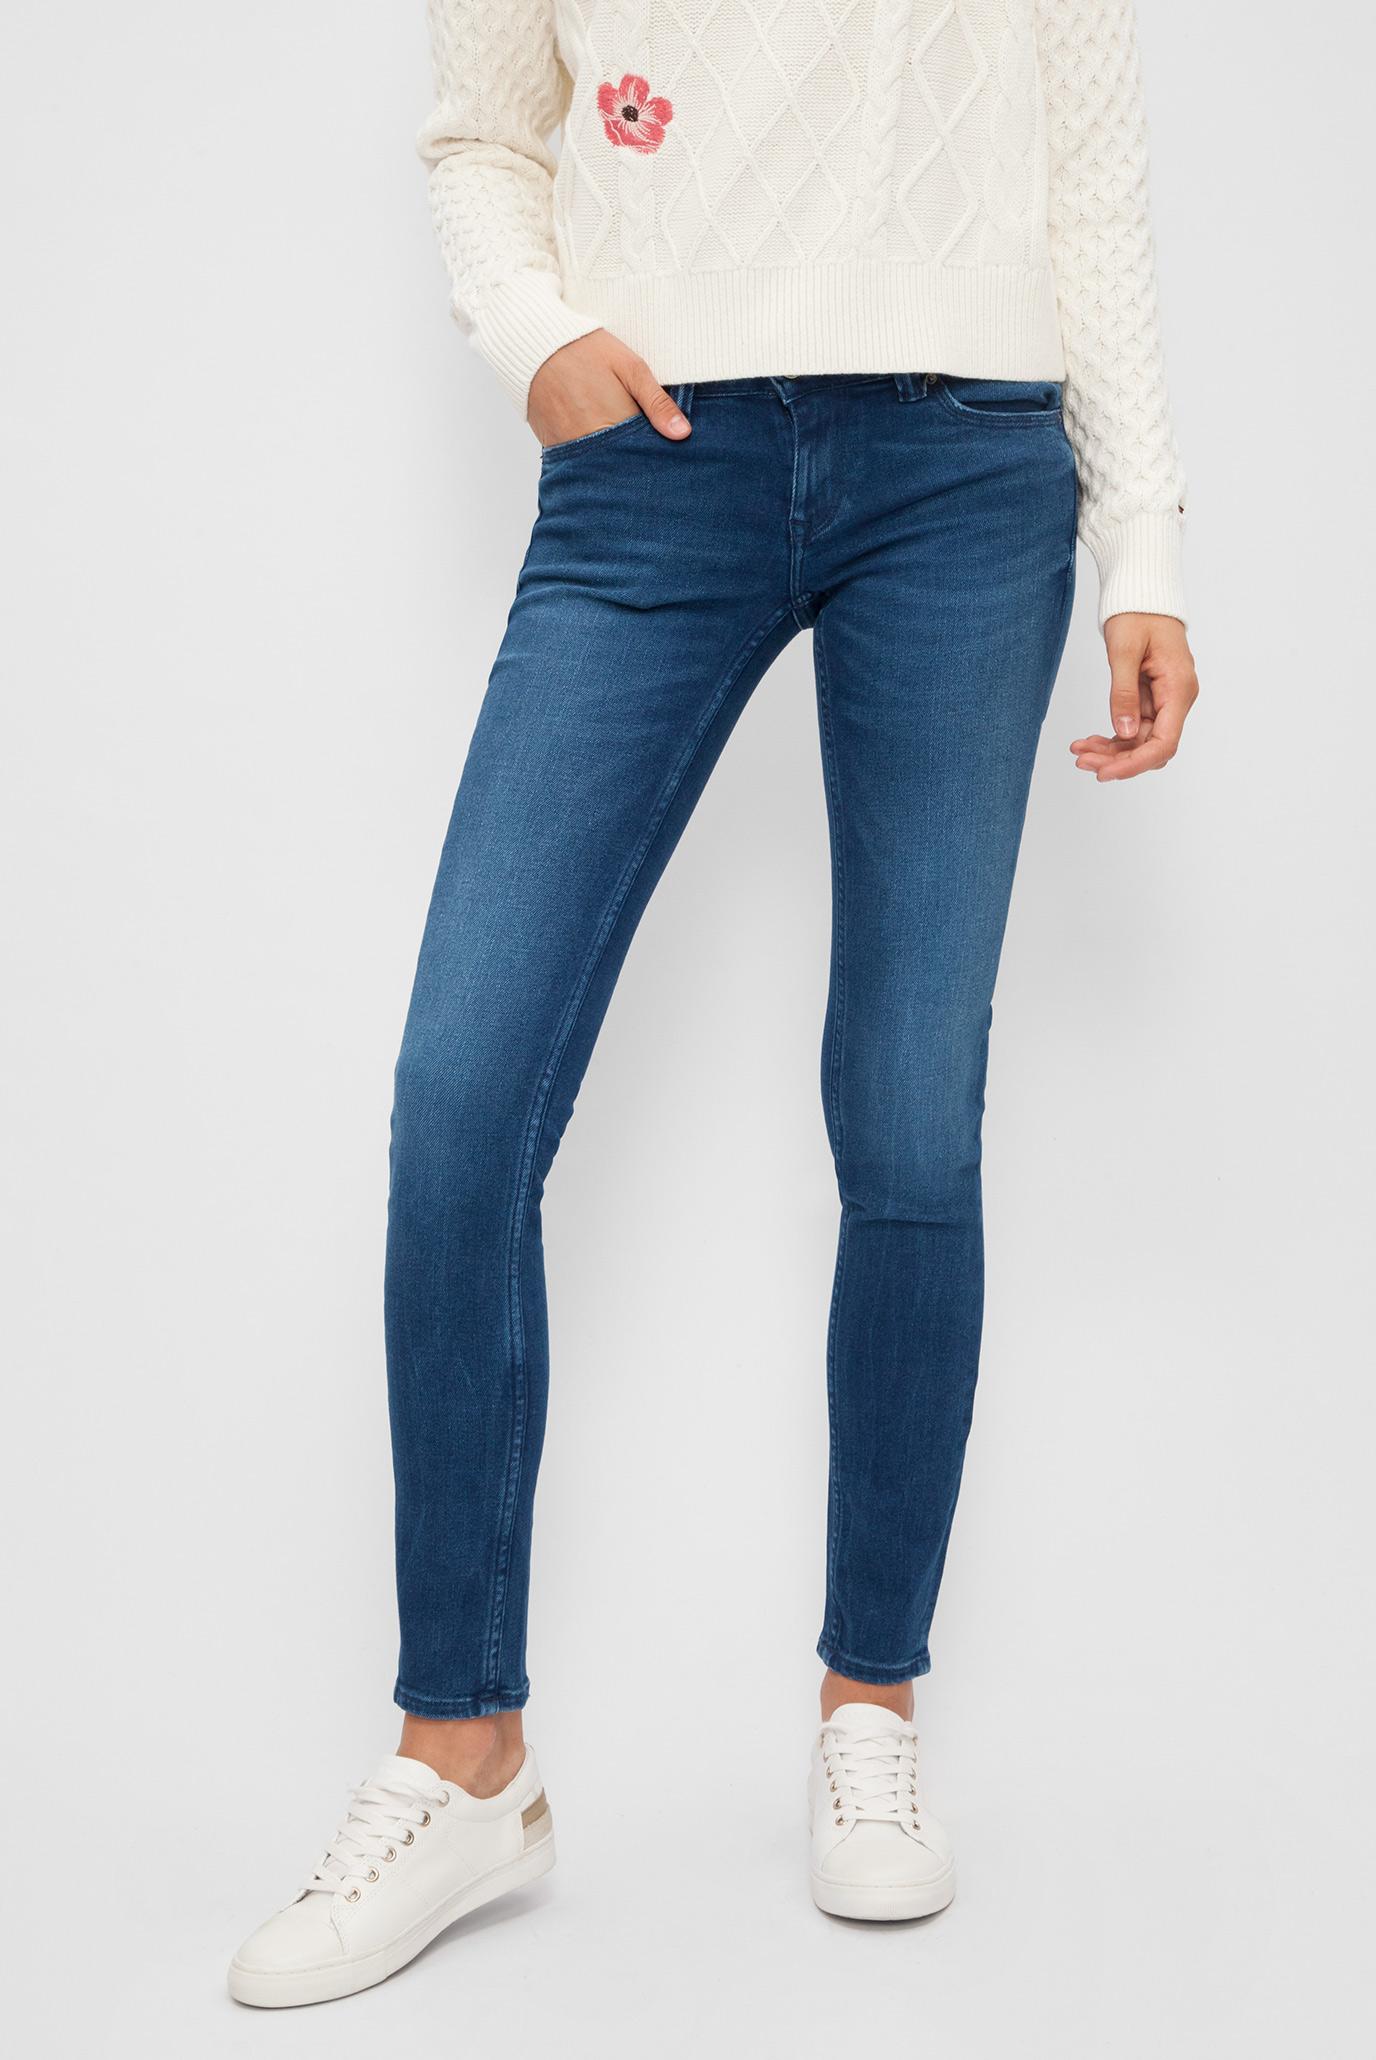 c9a2cb891d30 Купить Женские синие джинсы Tommy Hilfiger Tommy Hilfiger DW0DW02412 –  Киев, Украина. Цены в интернет магазине MD Fashion